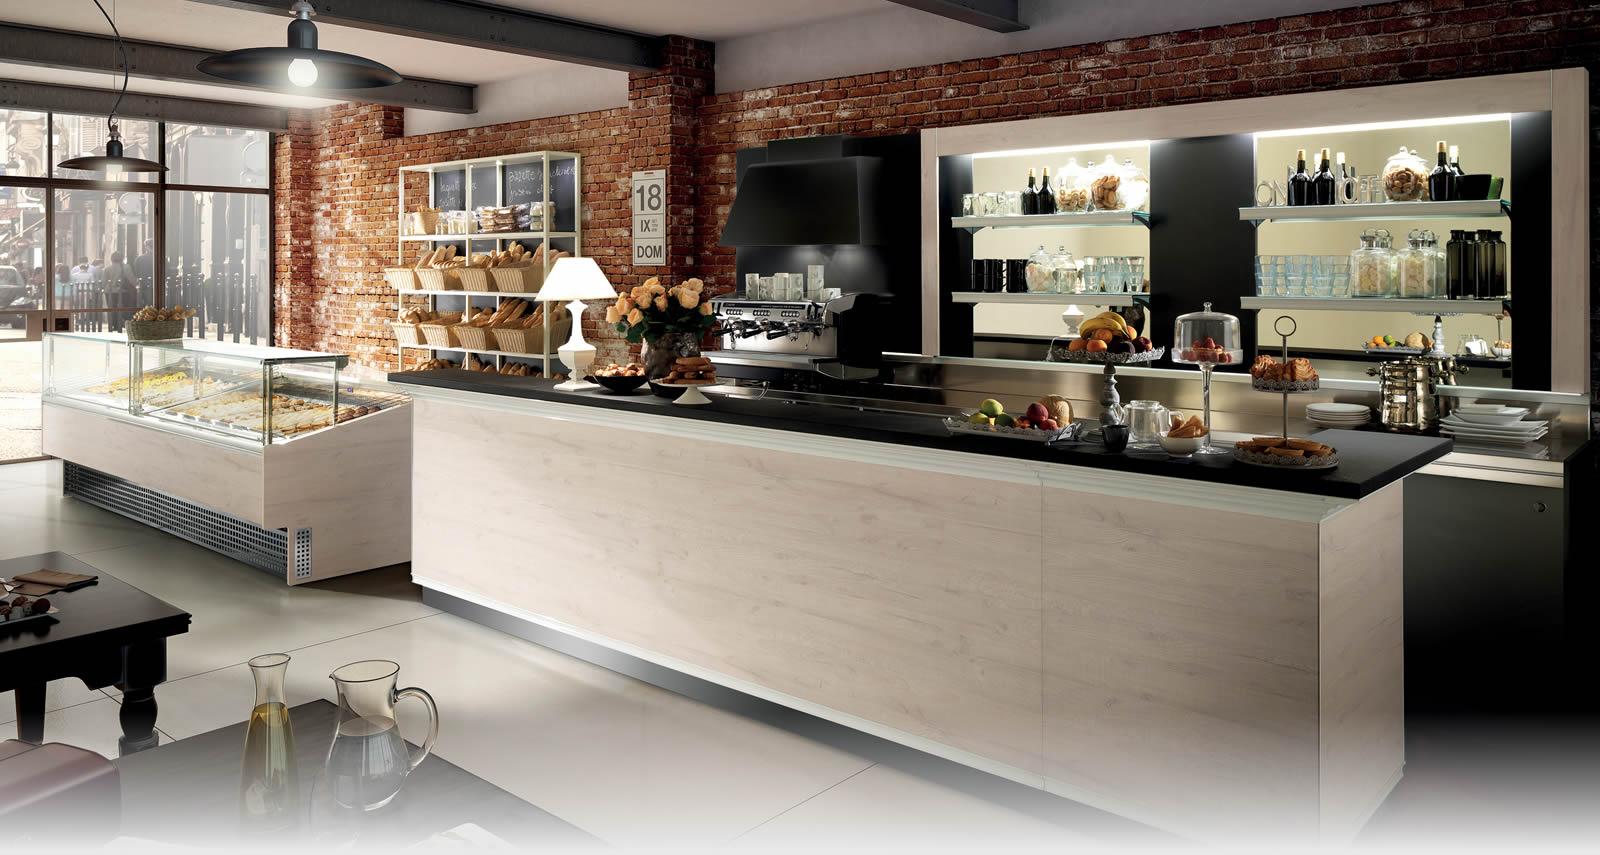 Arredo bar e negozi torino arredamenti sumisura for Arredo negozi torino